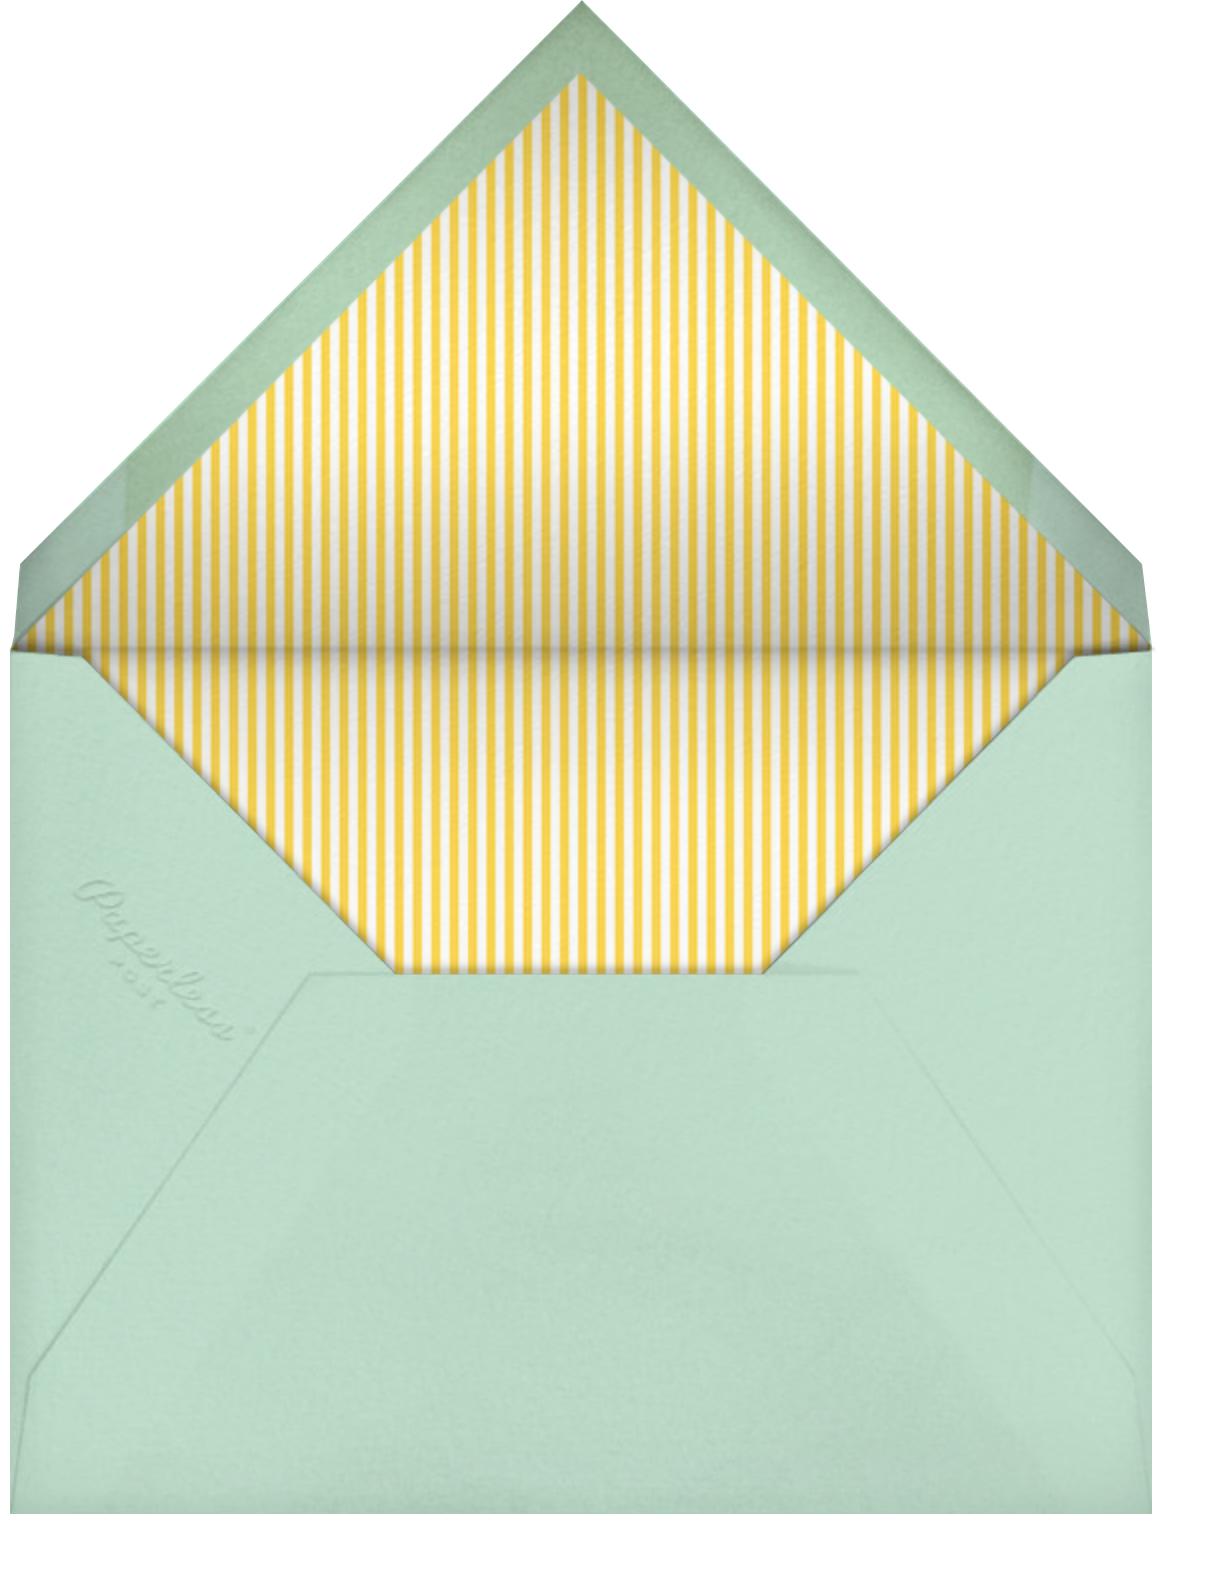 Farmyard Family - Little Cube - Baby shower - envelope back